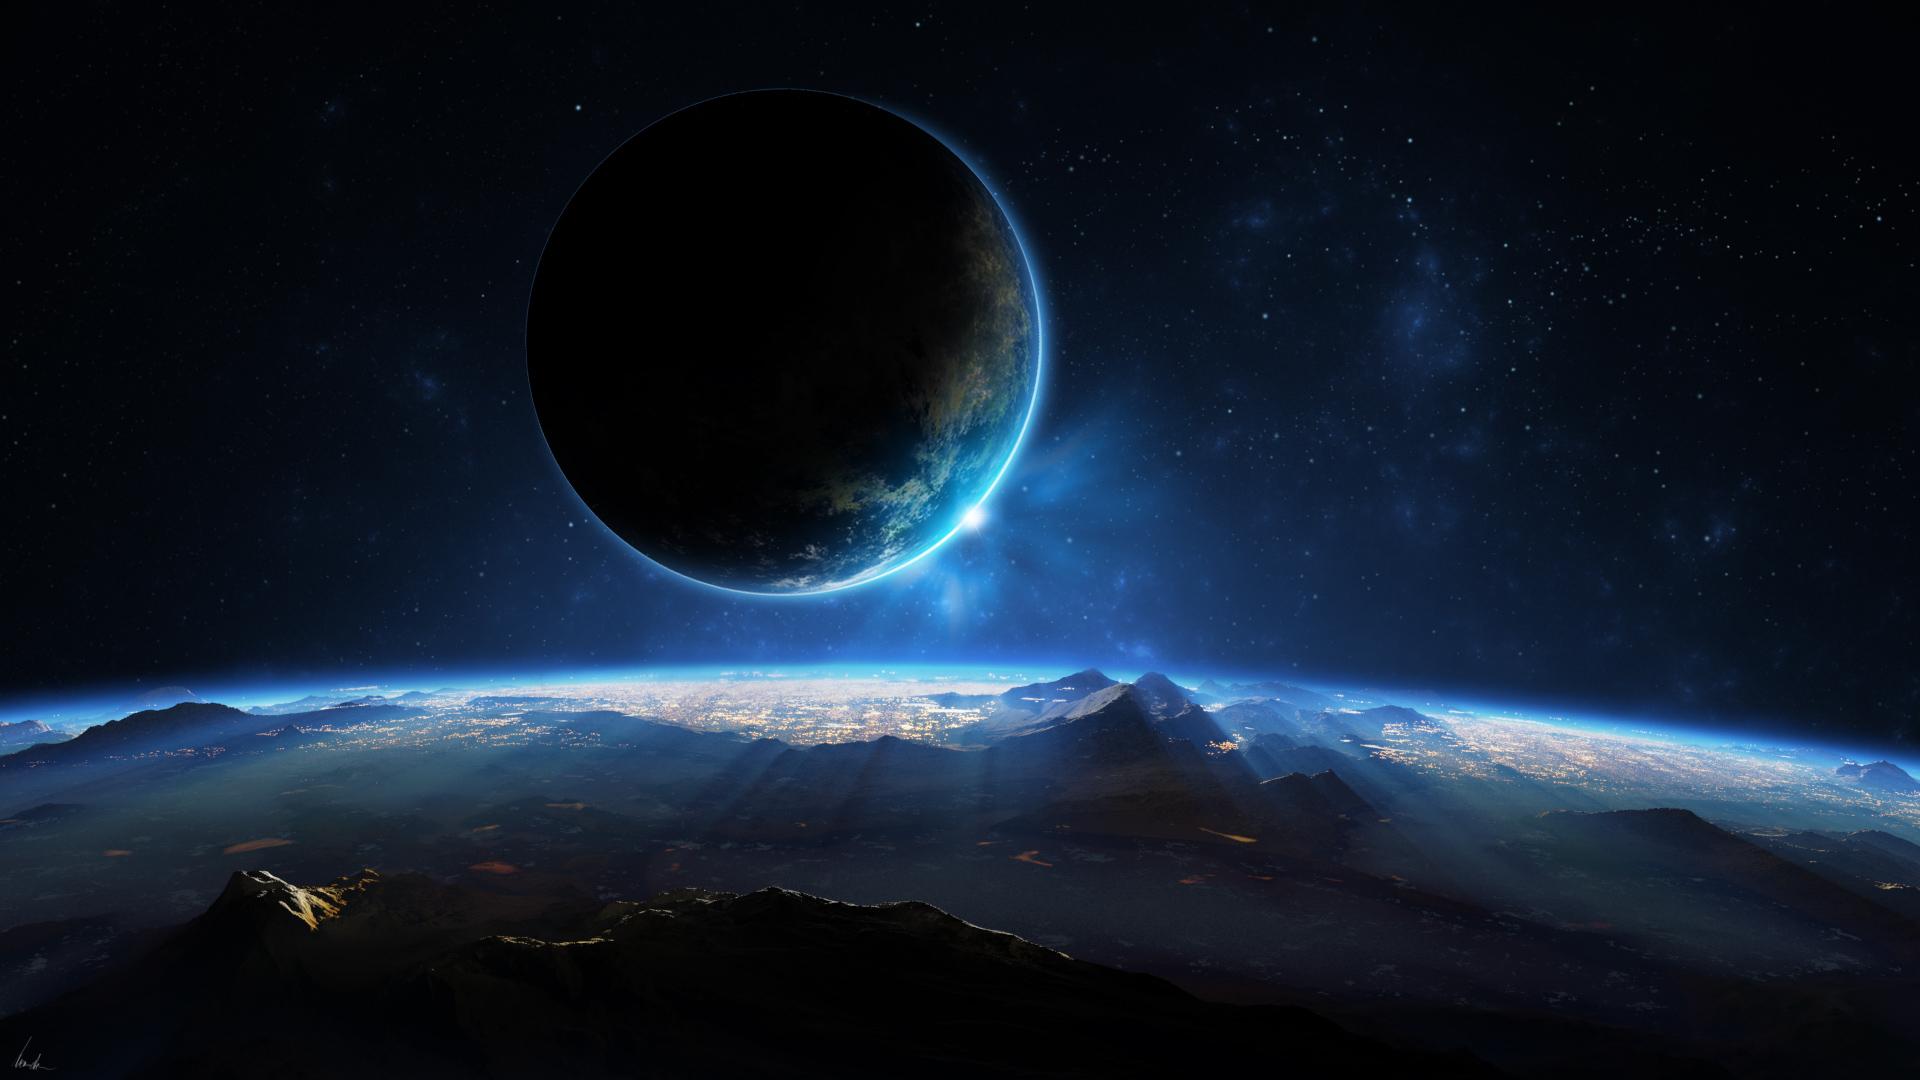 Wallpaper 1920x1080 Px Alien Landscape Planet Planets